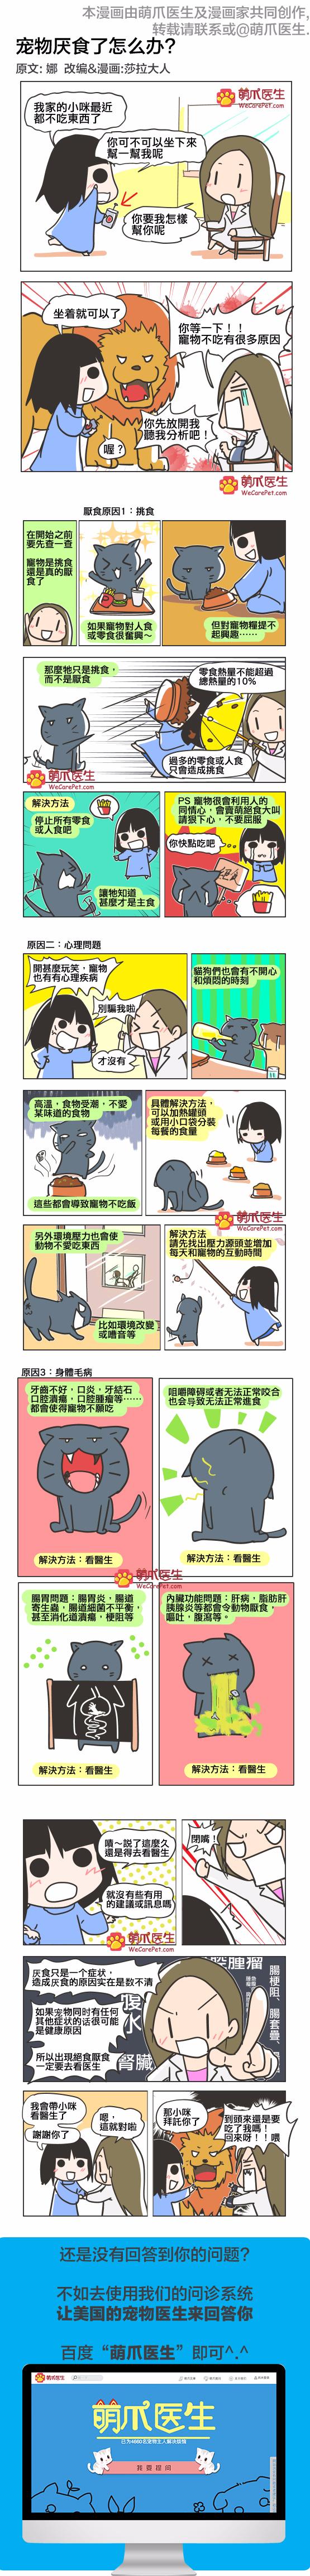 漫画 | 宠物厌食怎么办?